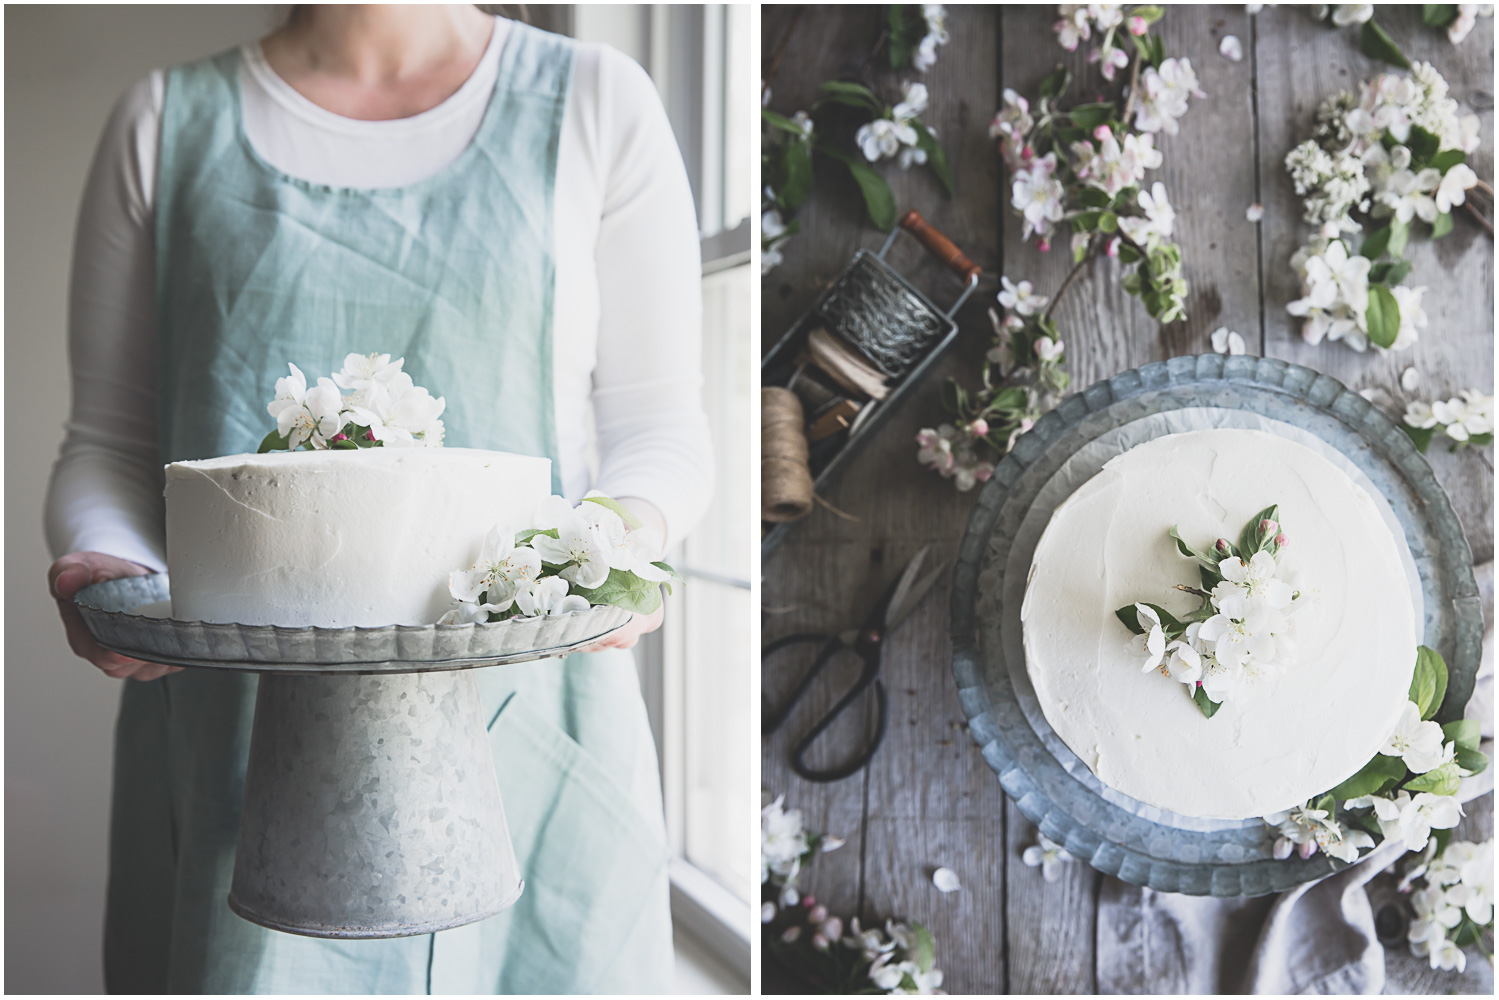 Bragg_Kate_White_Cake_Apple_Blossom_9.jpg